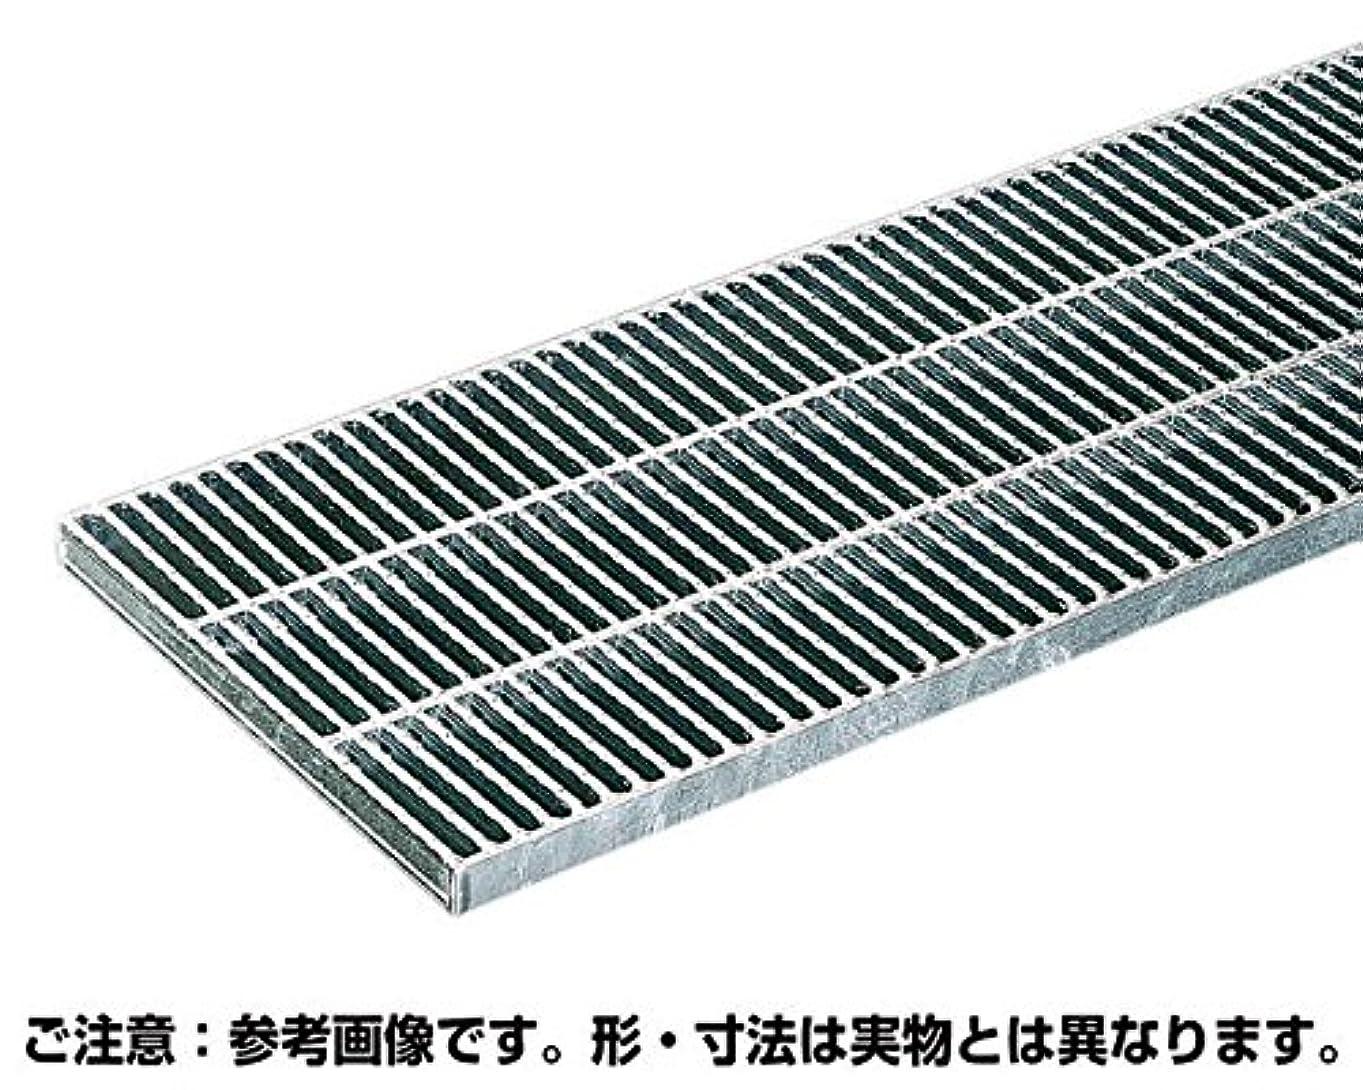 意気揚々同じ規範溝蓋グレーチング細目ノンスリップタイプ450×995×32 オーダーメイド品 納期約10営業日 キャンセル不可 返品不可